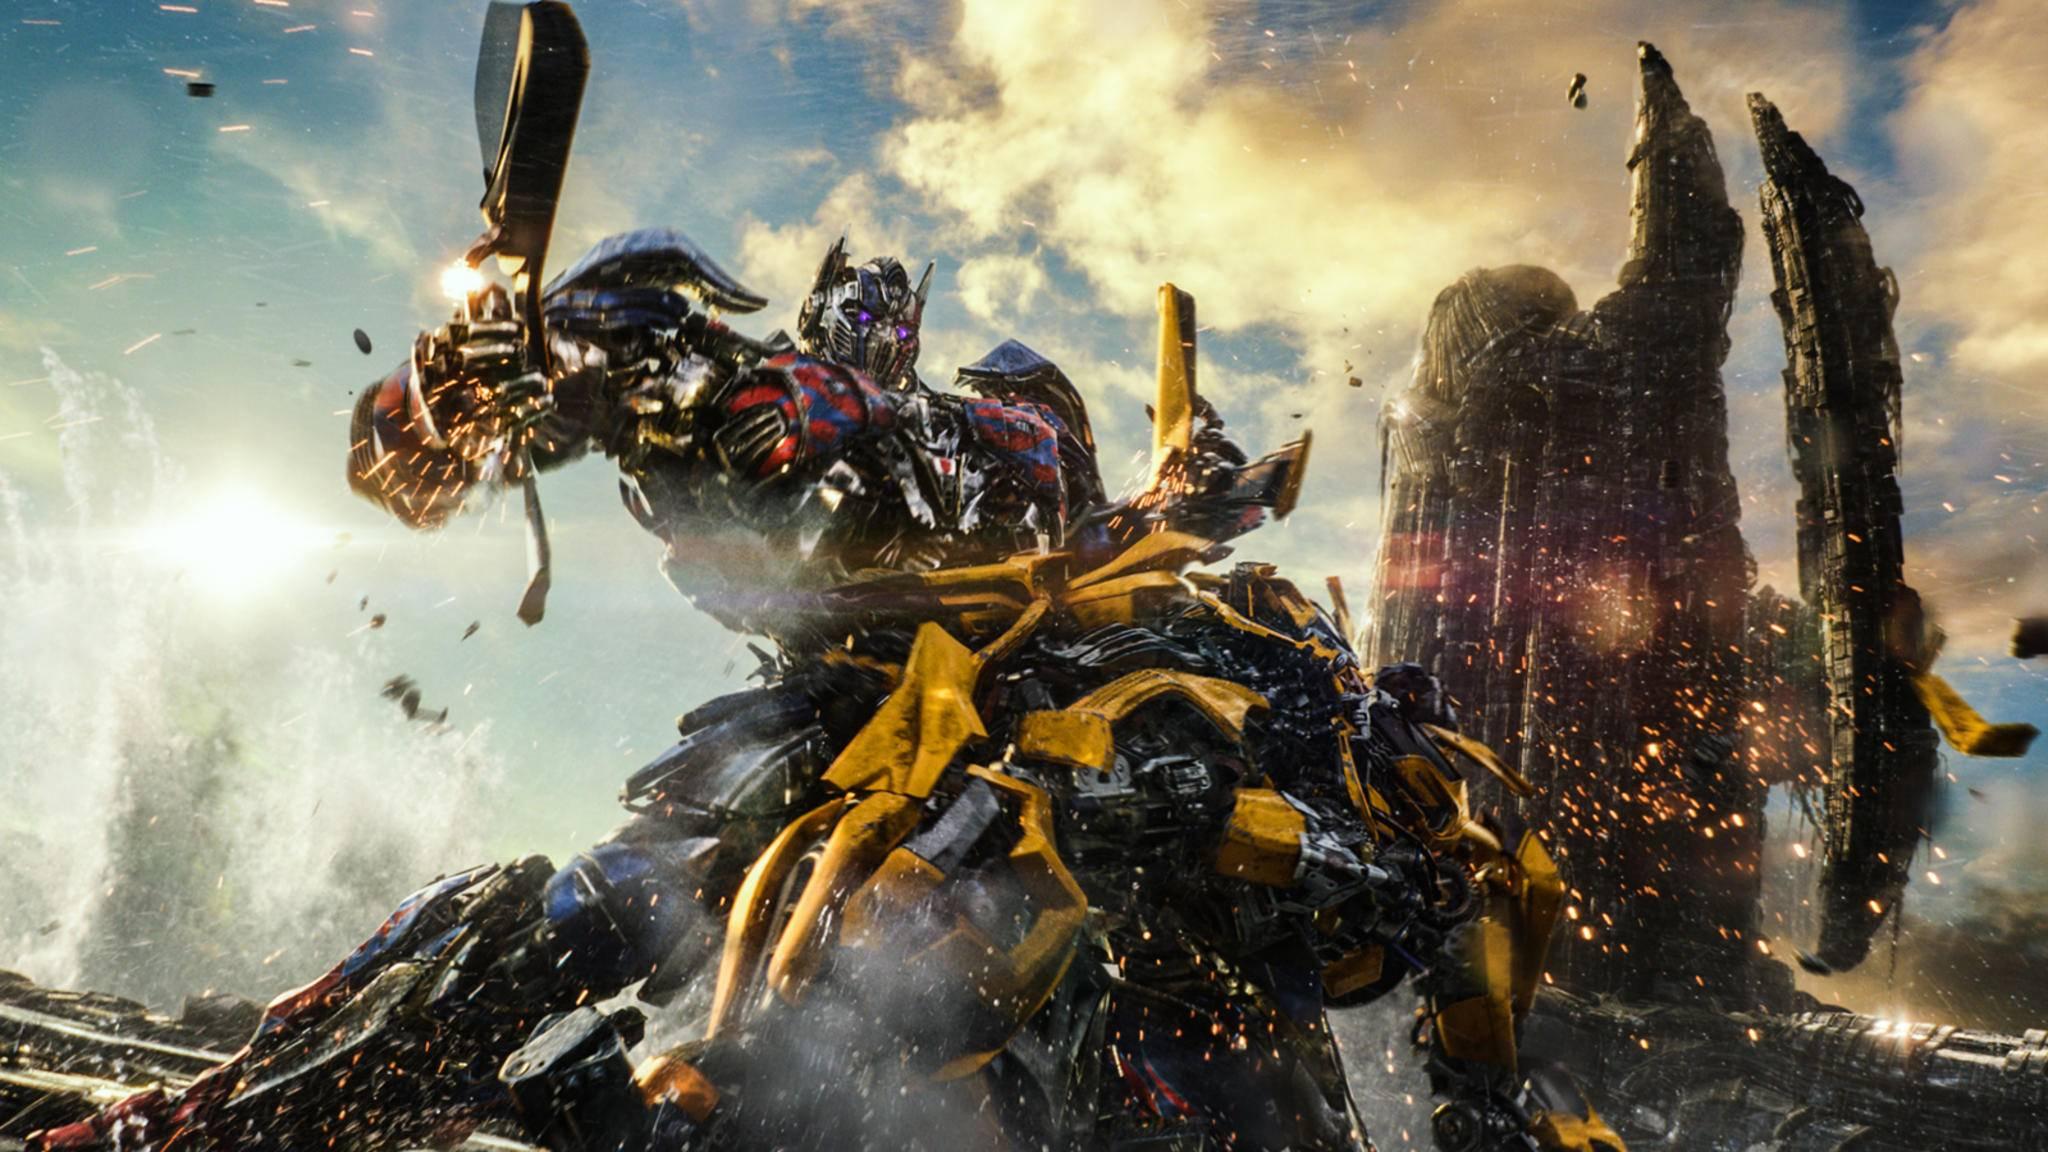 """Mit Optimus Prime und Bumblebee müssen sich in Teil 5 der """"Transformers""""-Reihe die schlagkräftigsten Autobots messen."""